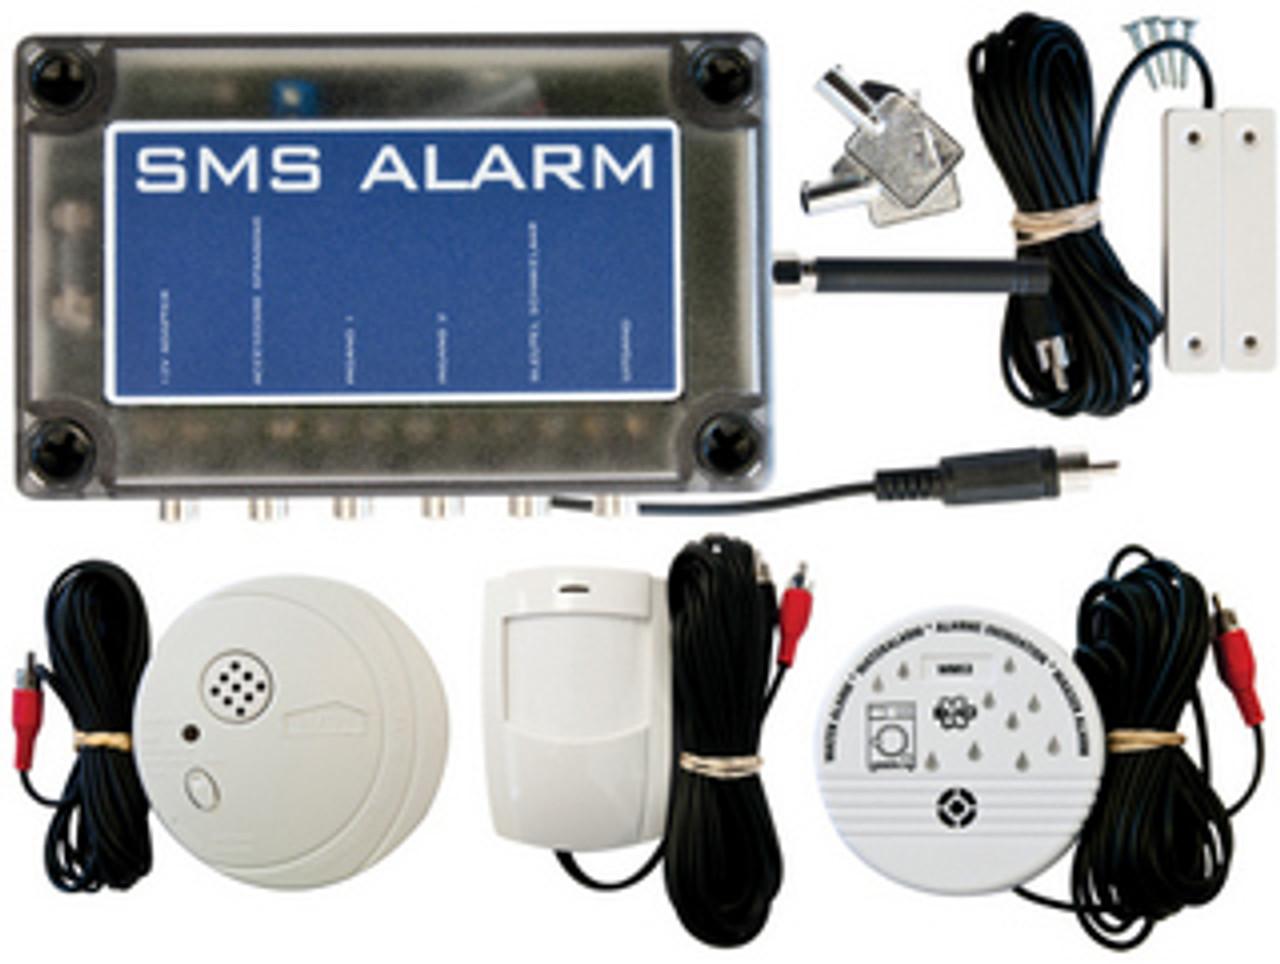 SMSCOM Alarm